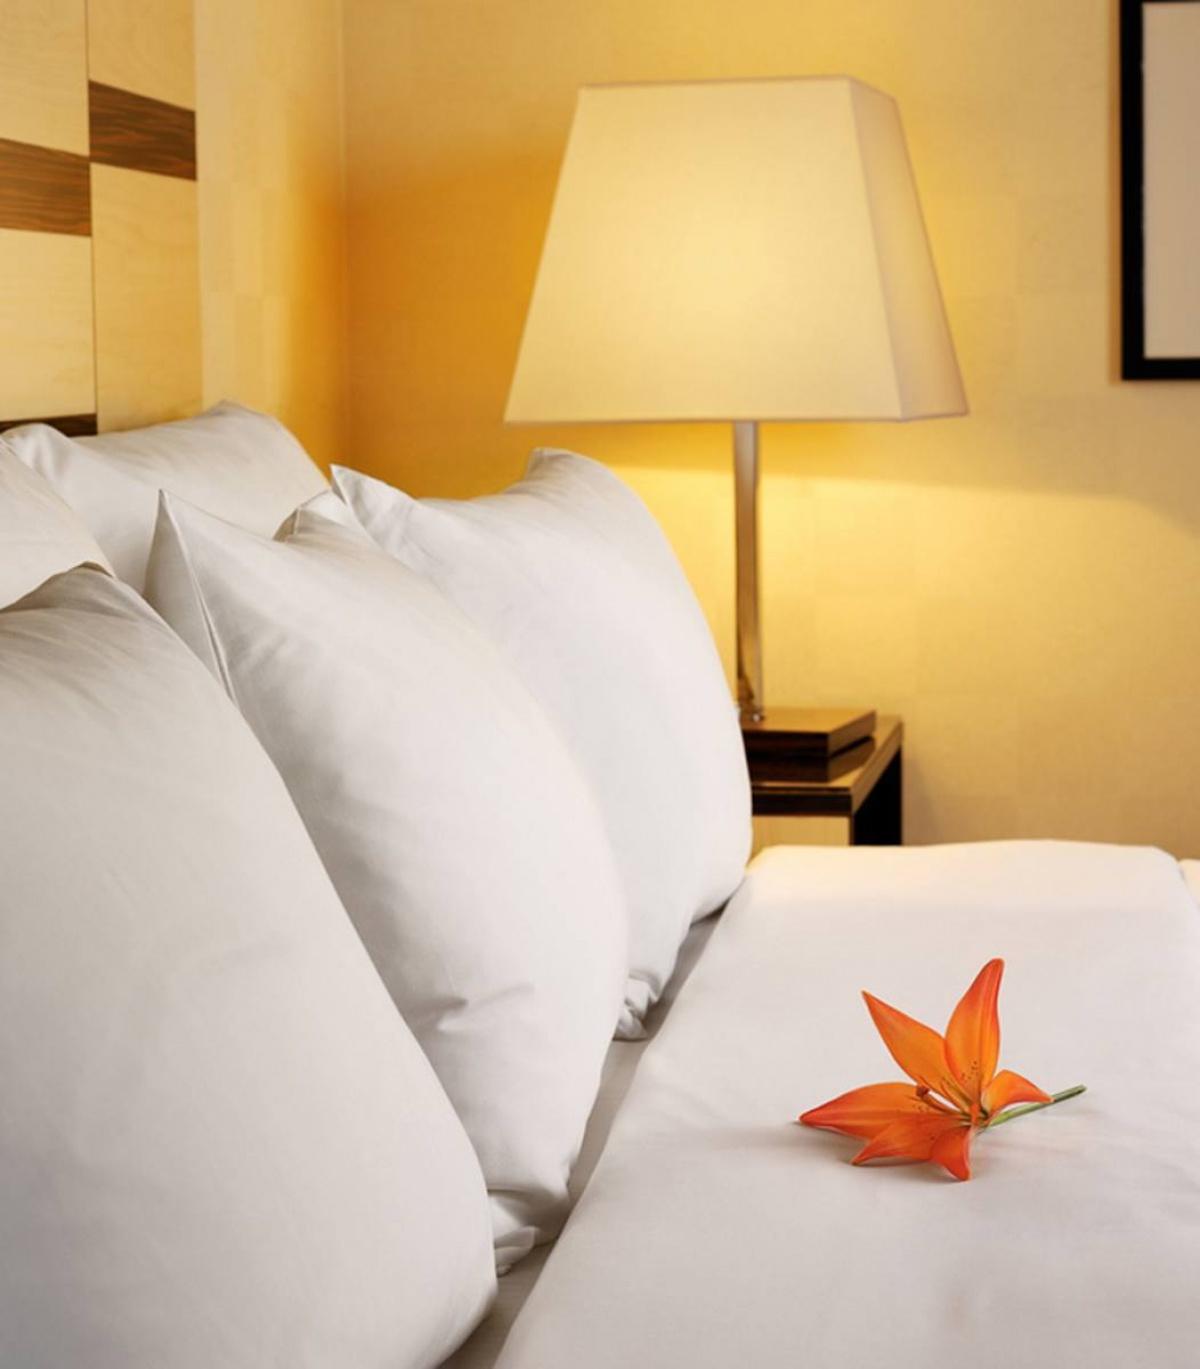 Des draps maxi size adapt s la plus grande taille de lit - Draps grande taille lit 180x200 ...